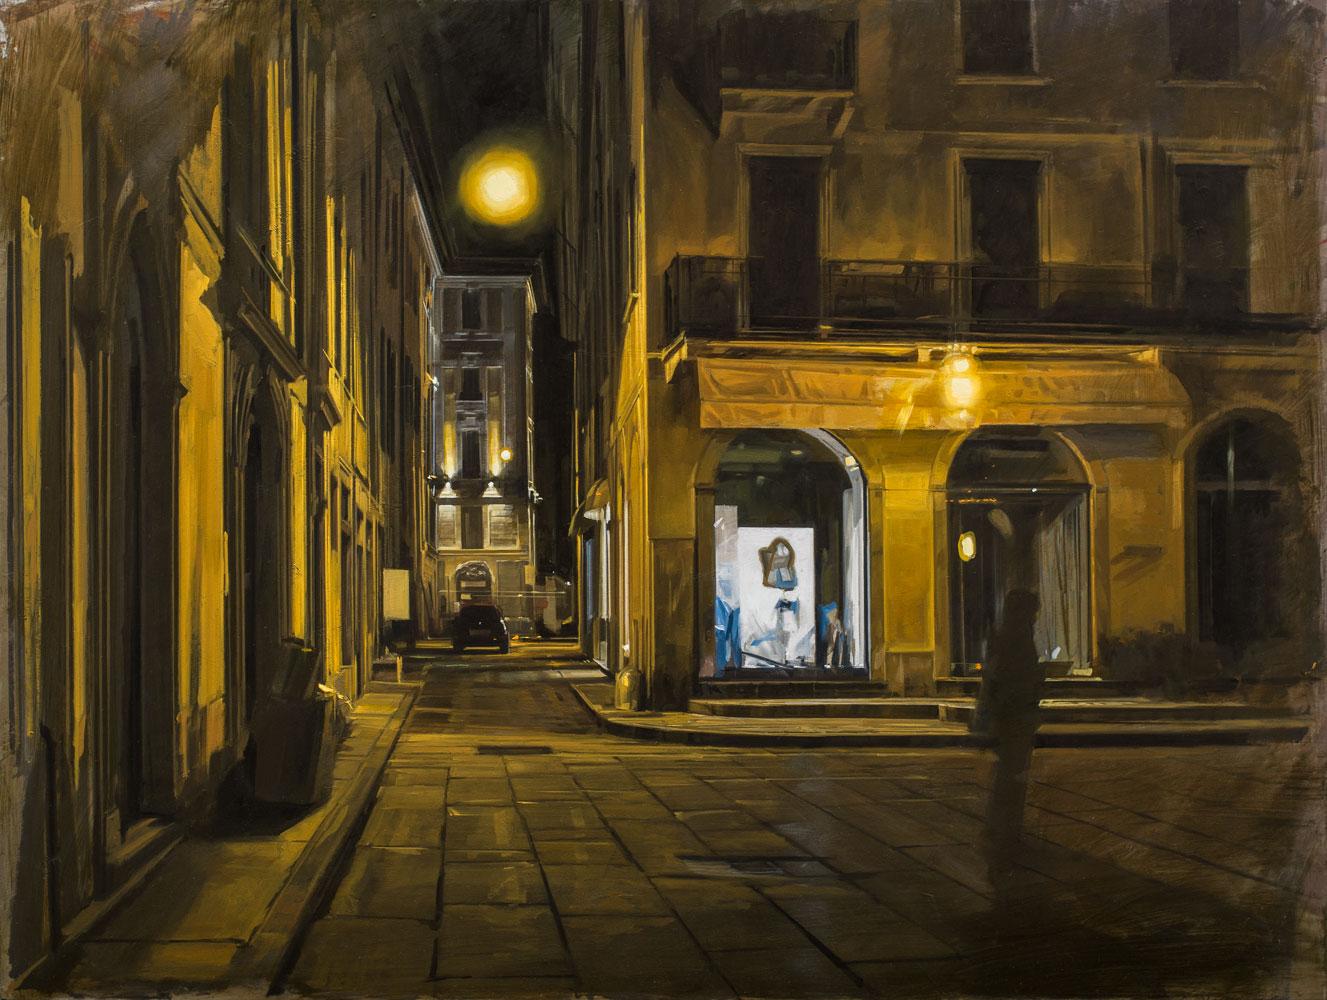 NANNINI NICOLA, Notte gialla n.2, 2019, olio su tavola, 60x80 cm